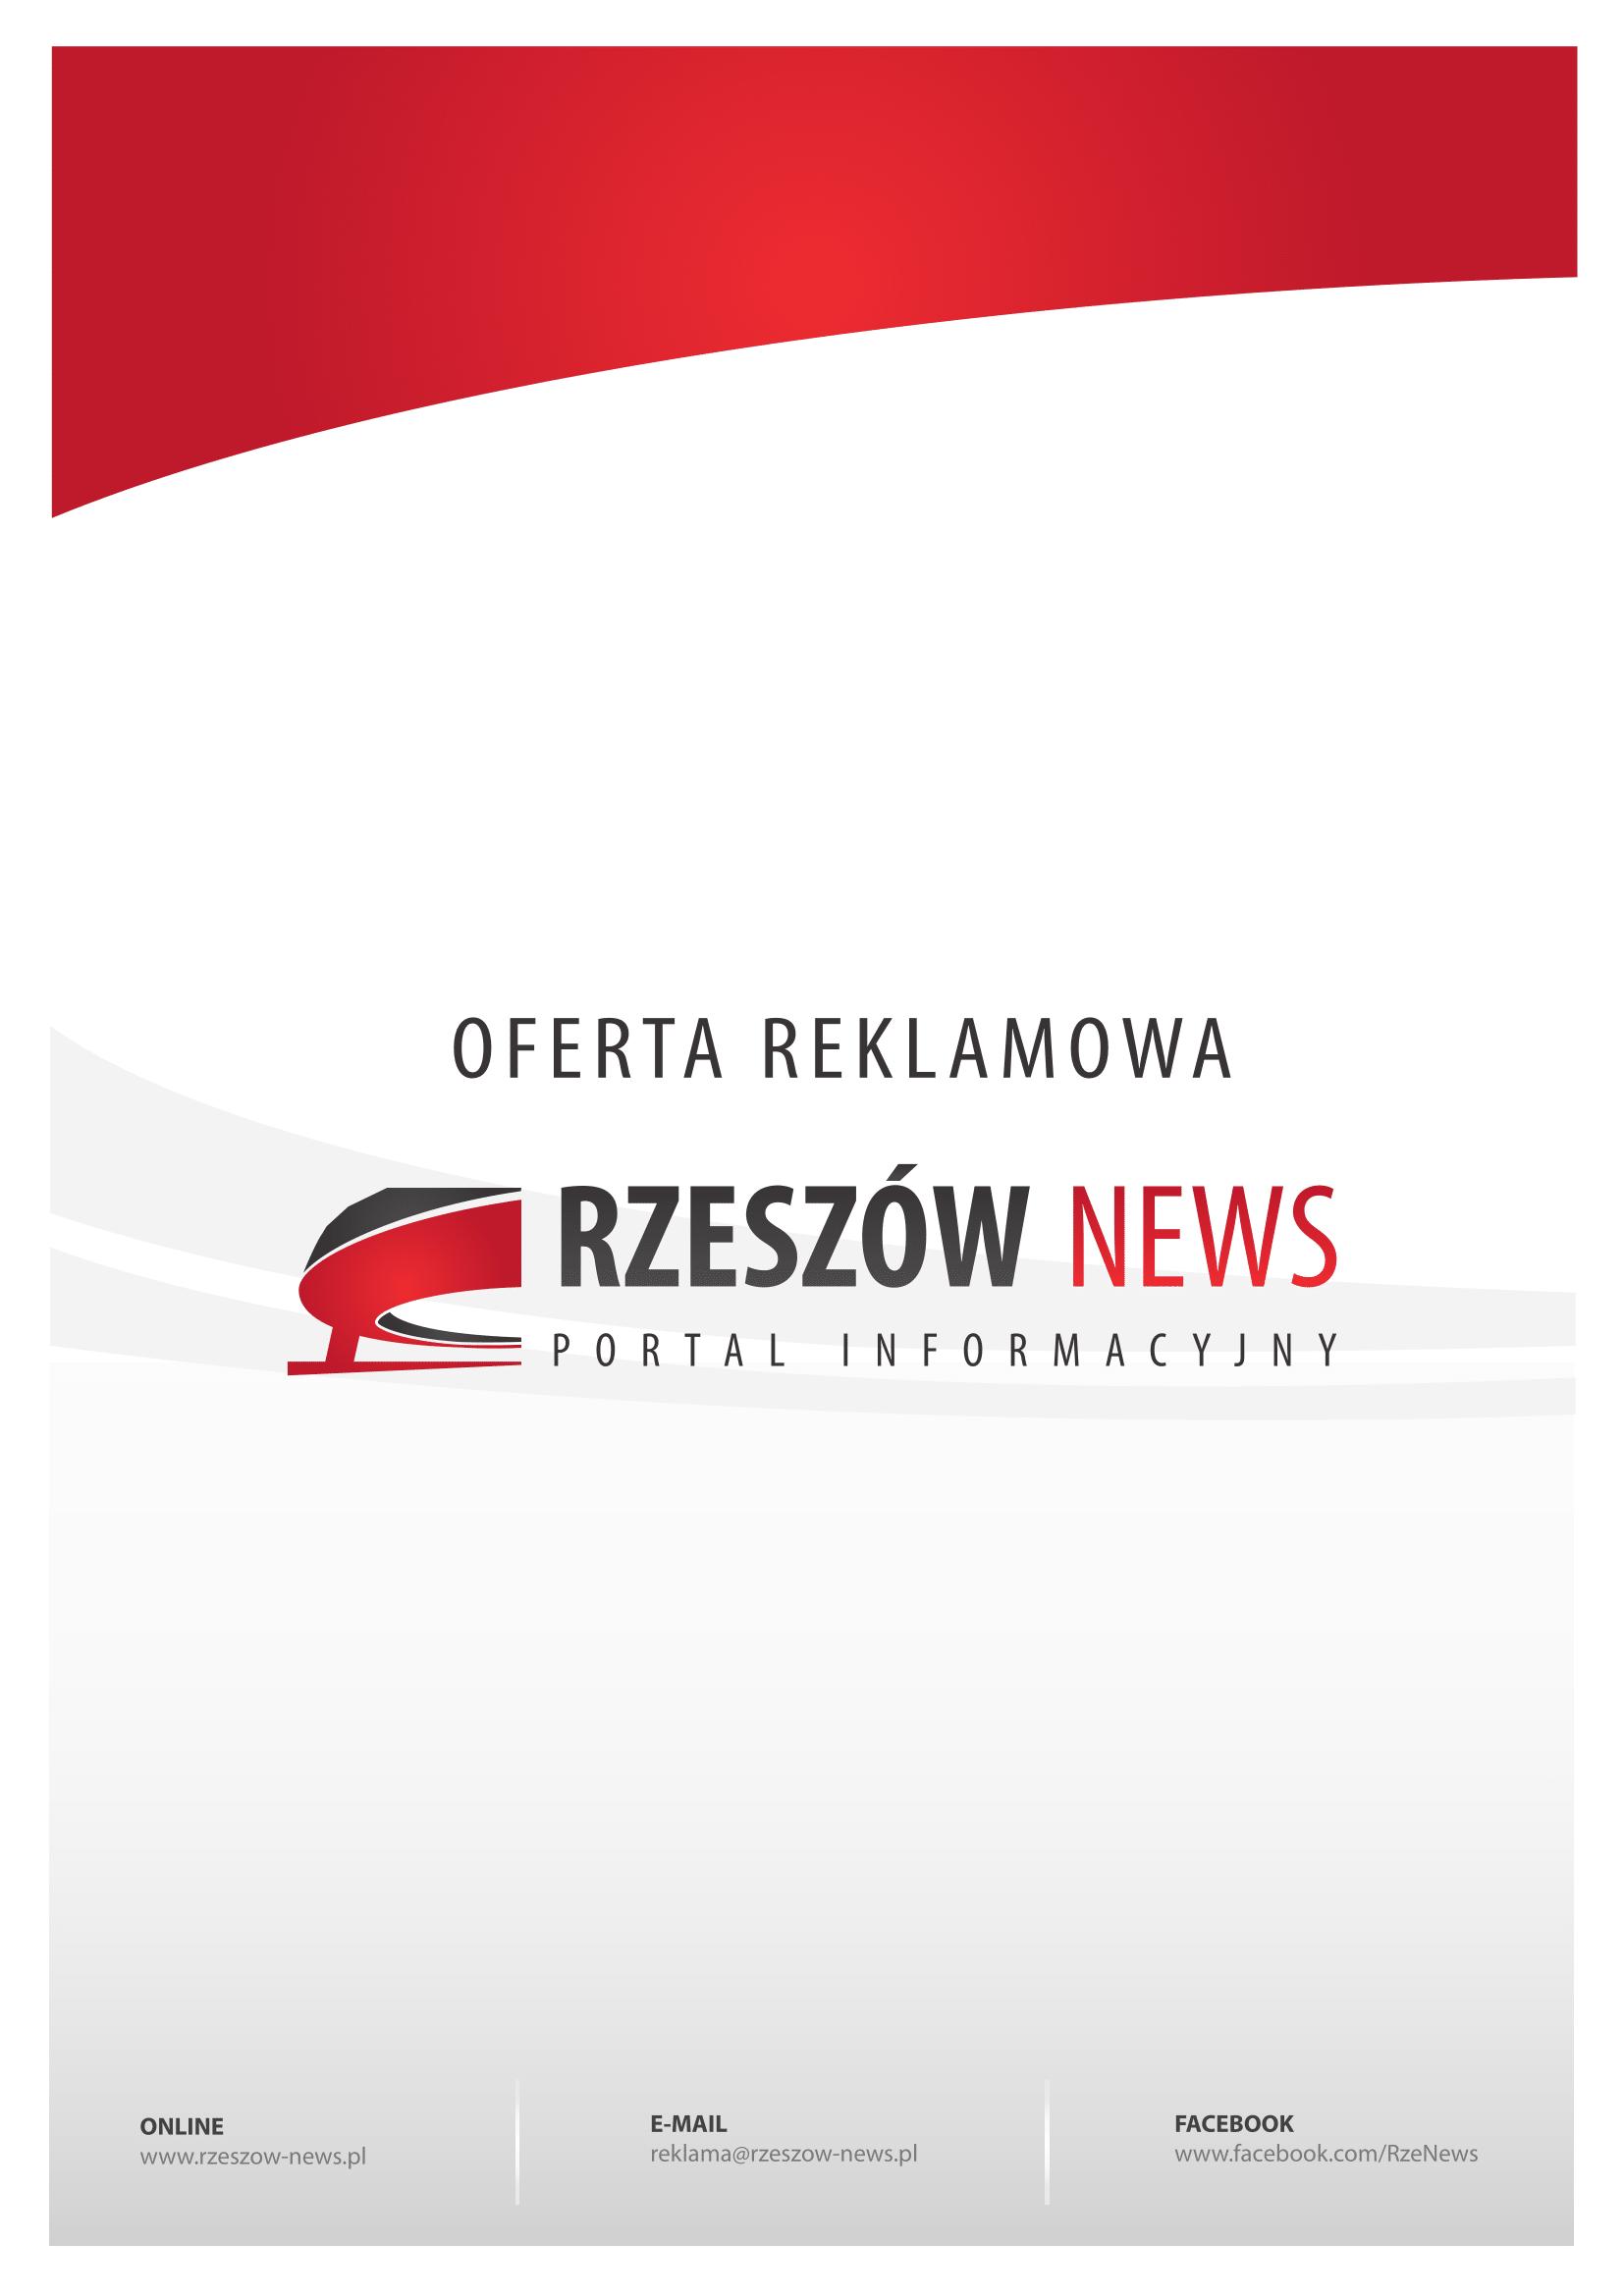 rzeszow-news-oferta-reklamowa-kopia-01